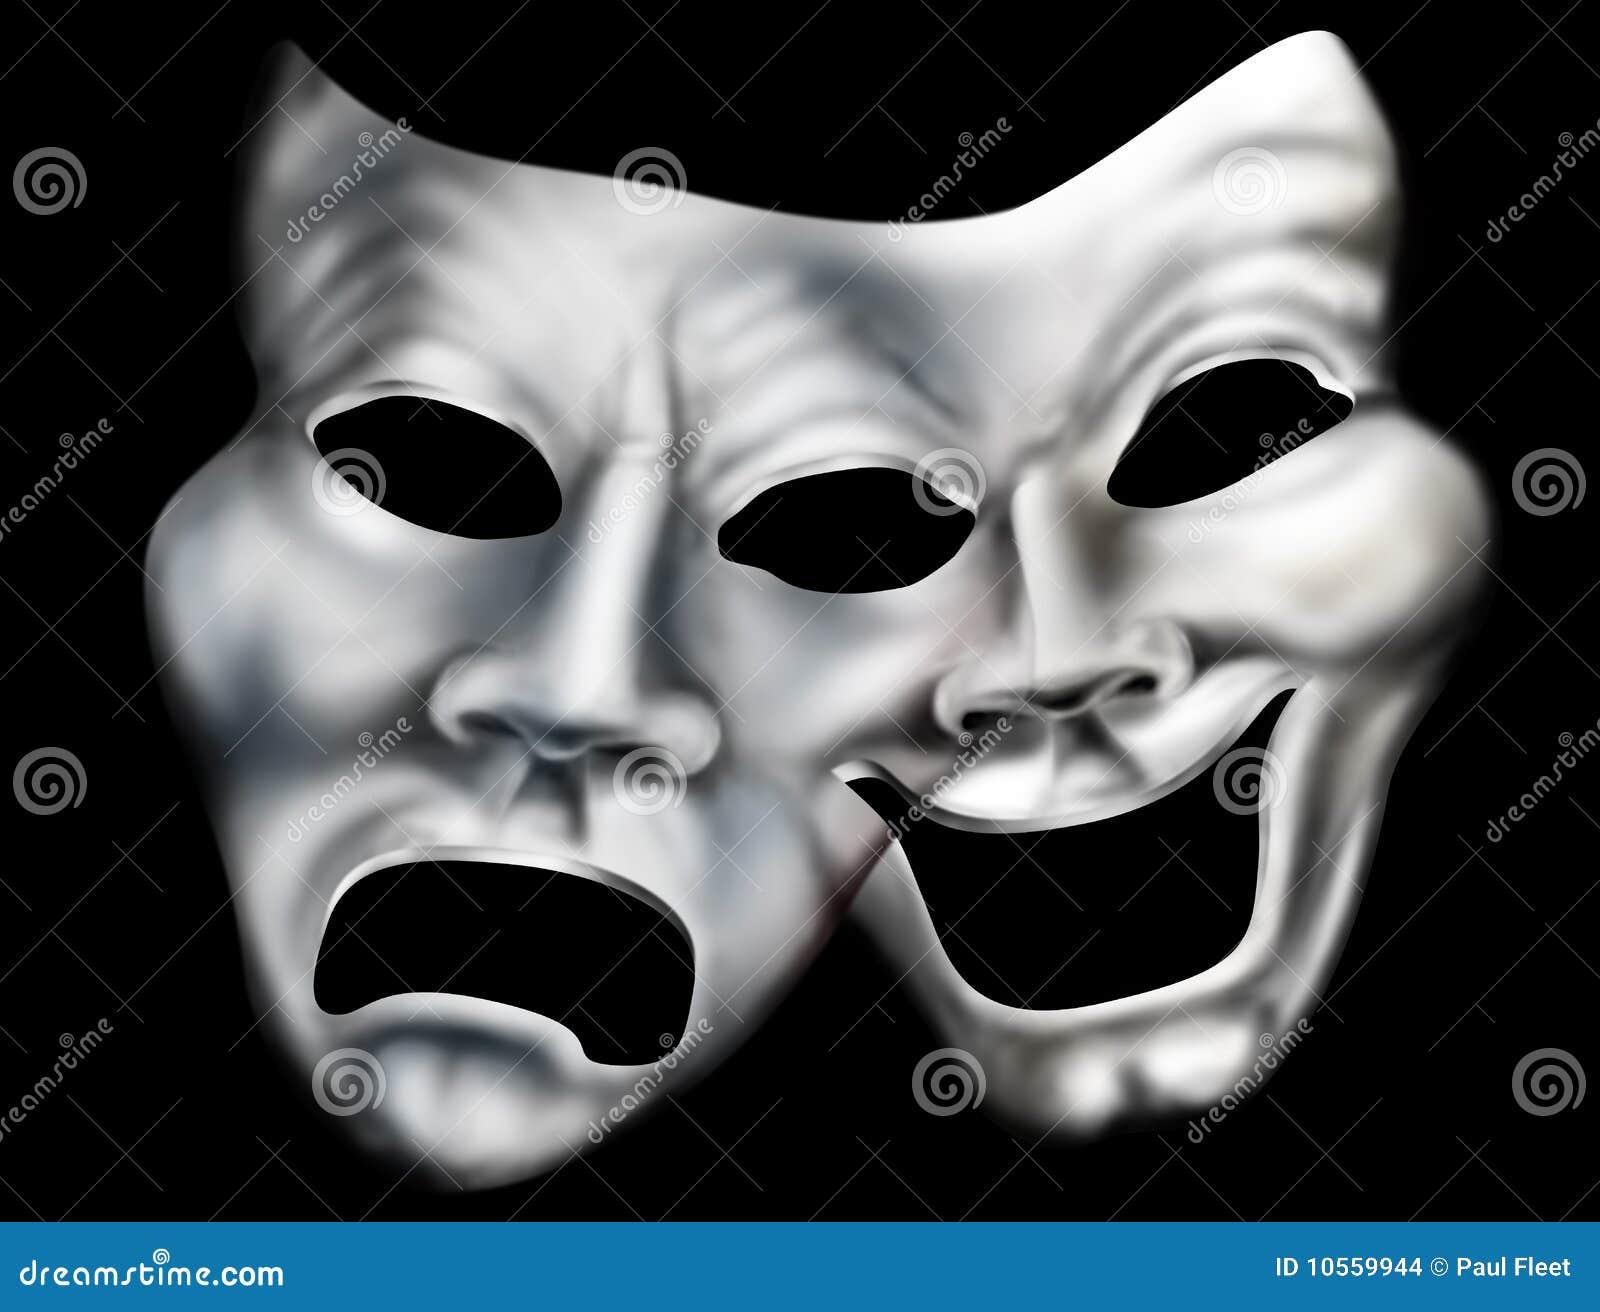 Las máscaras que limpian profundamente la cara